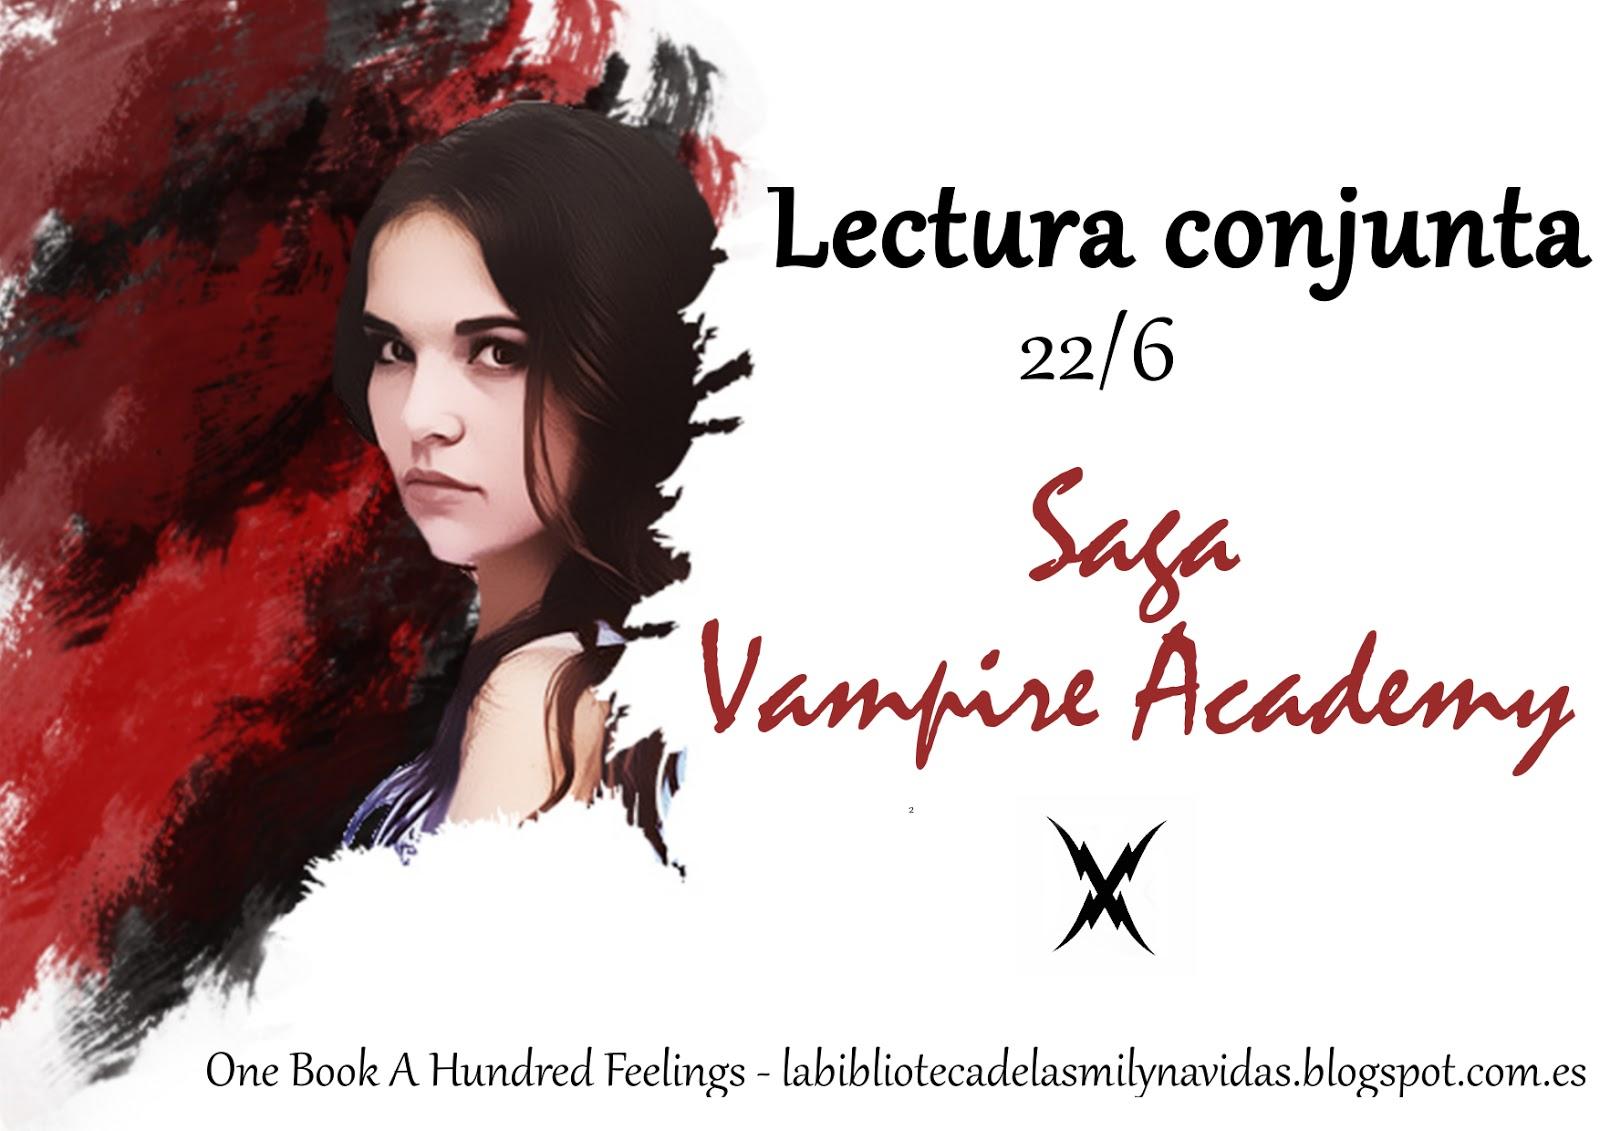 LC Vampire Academy